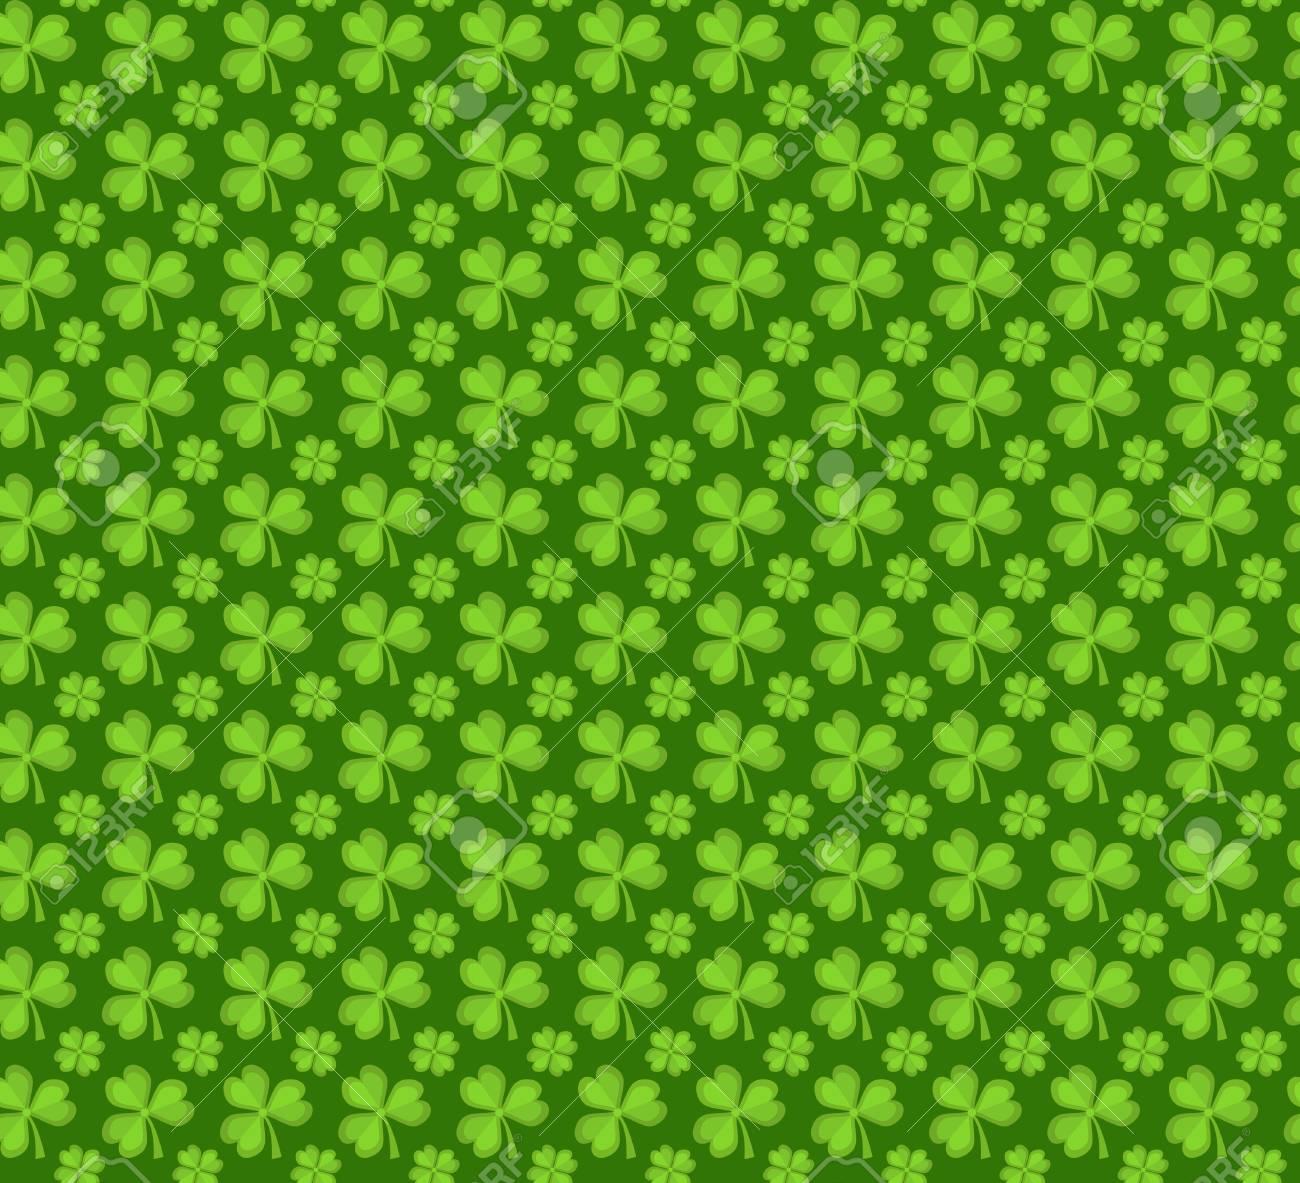 クローバーのシームレスなパターン 背景 テクスチャ 壁紙 聖